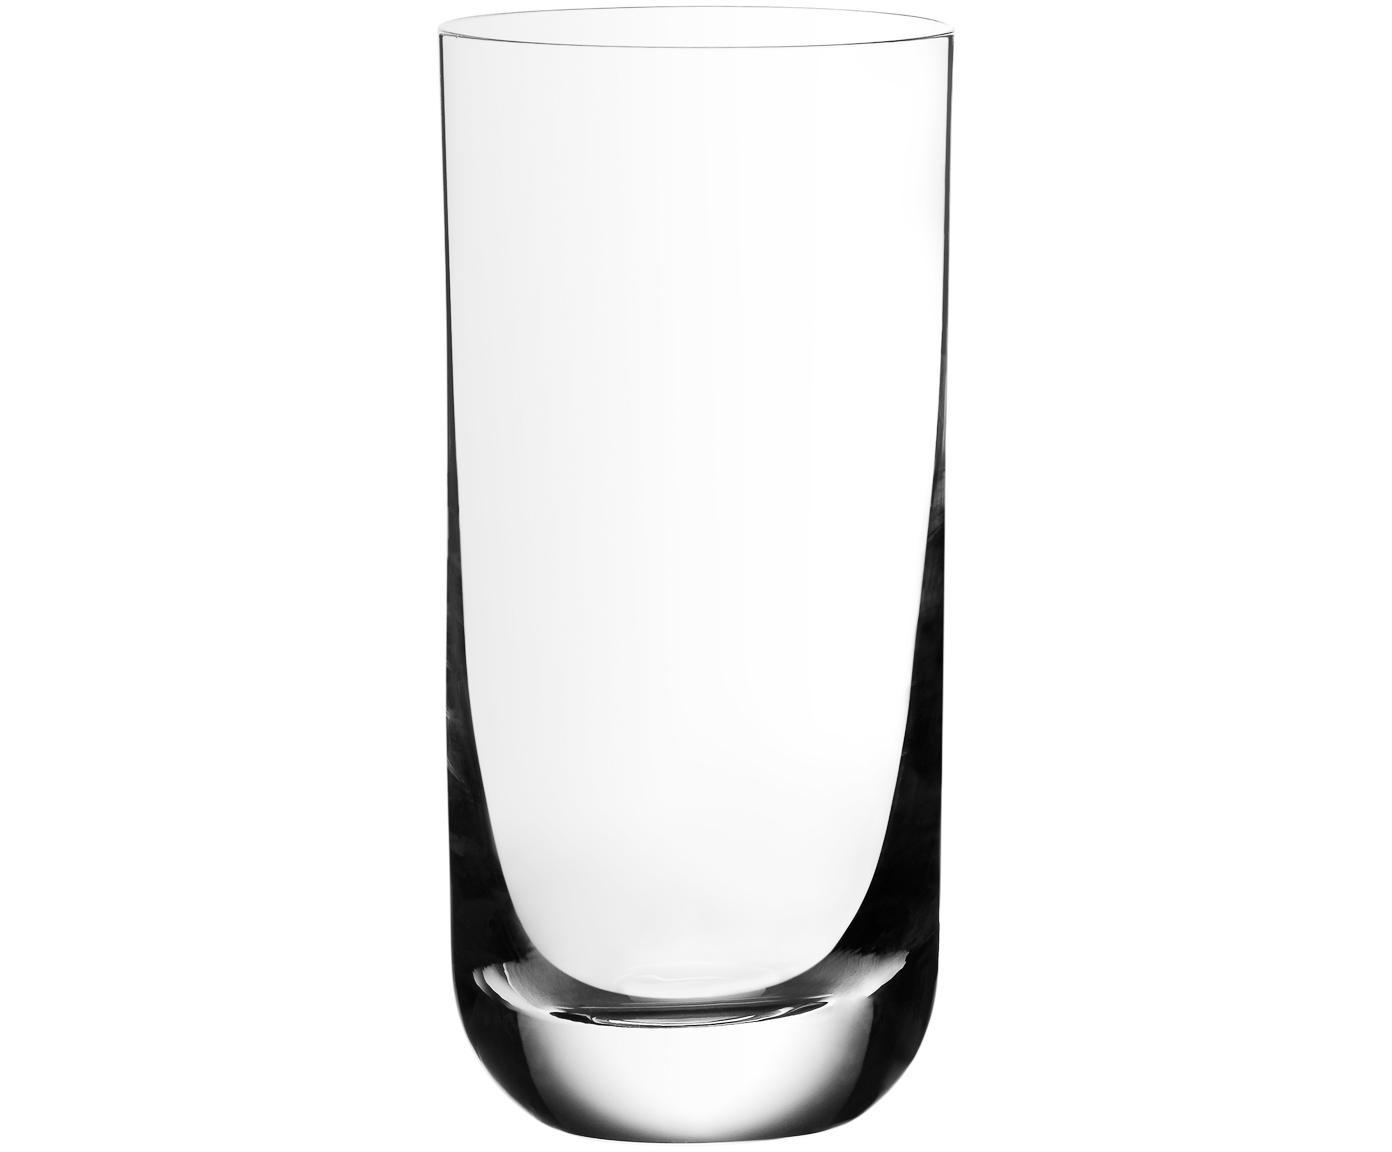 Kristallen longdrinkglazen Harmony, 6 stuks, Edele glans - het kristalglas breekt bijzonder sterk het licht af, Transparant, 360 ml